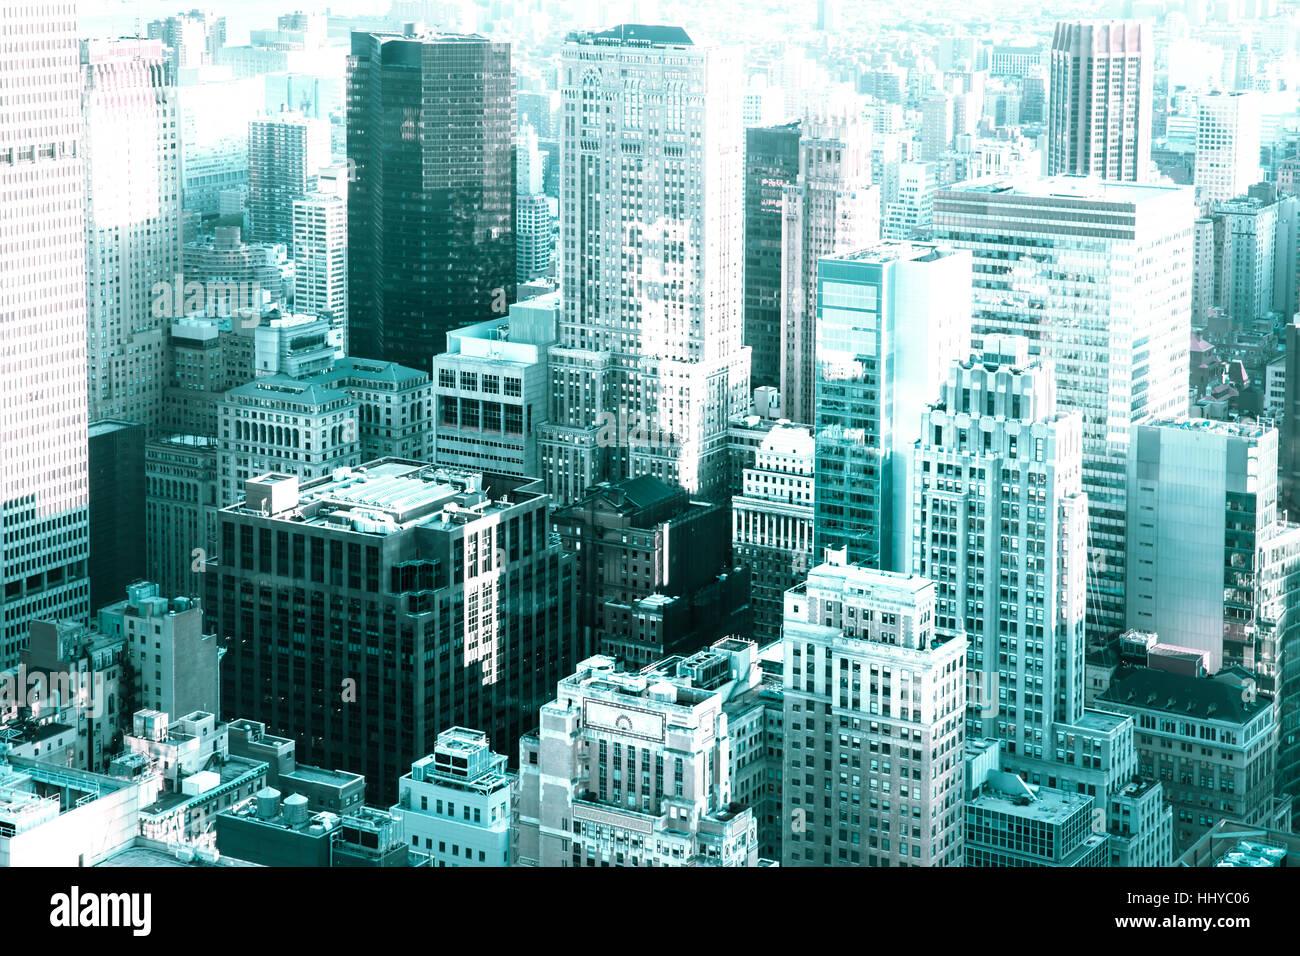 Voir De nombreux bâtiments et gratte-ciel à travers la ville de New York avec ton moderne Photo Stock